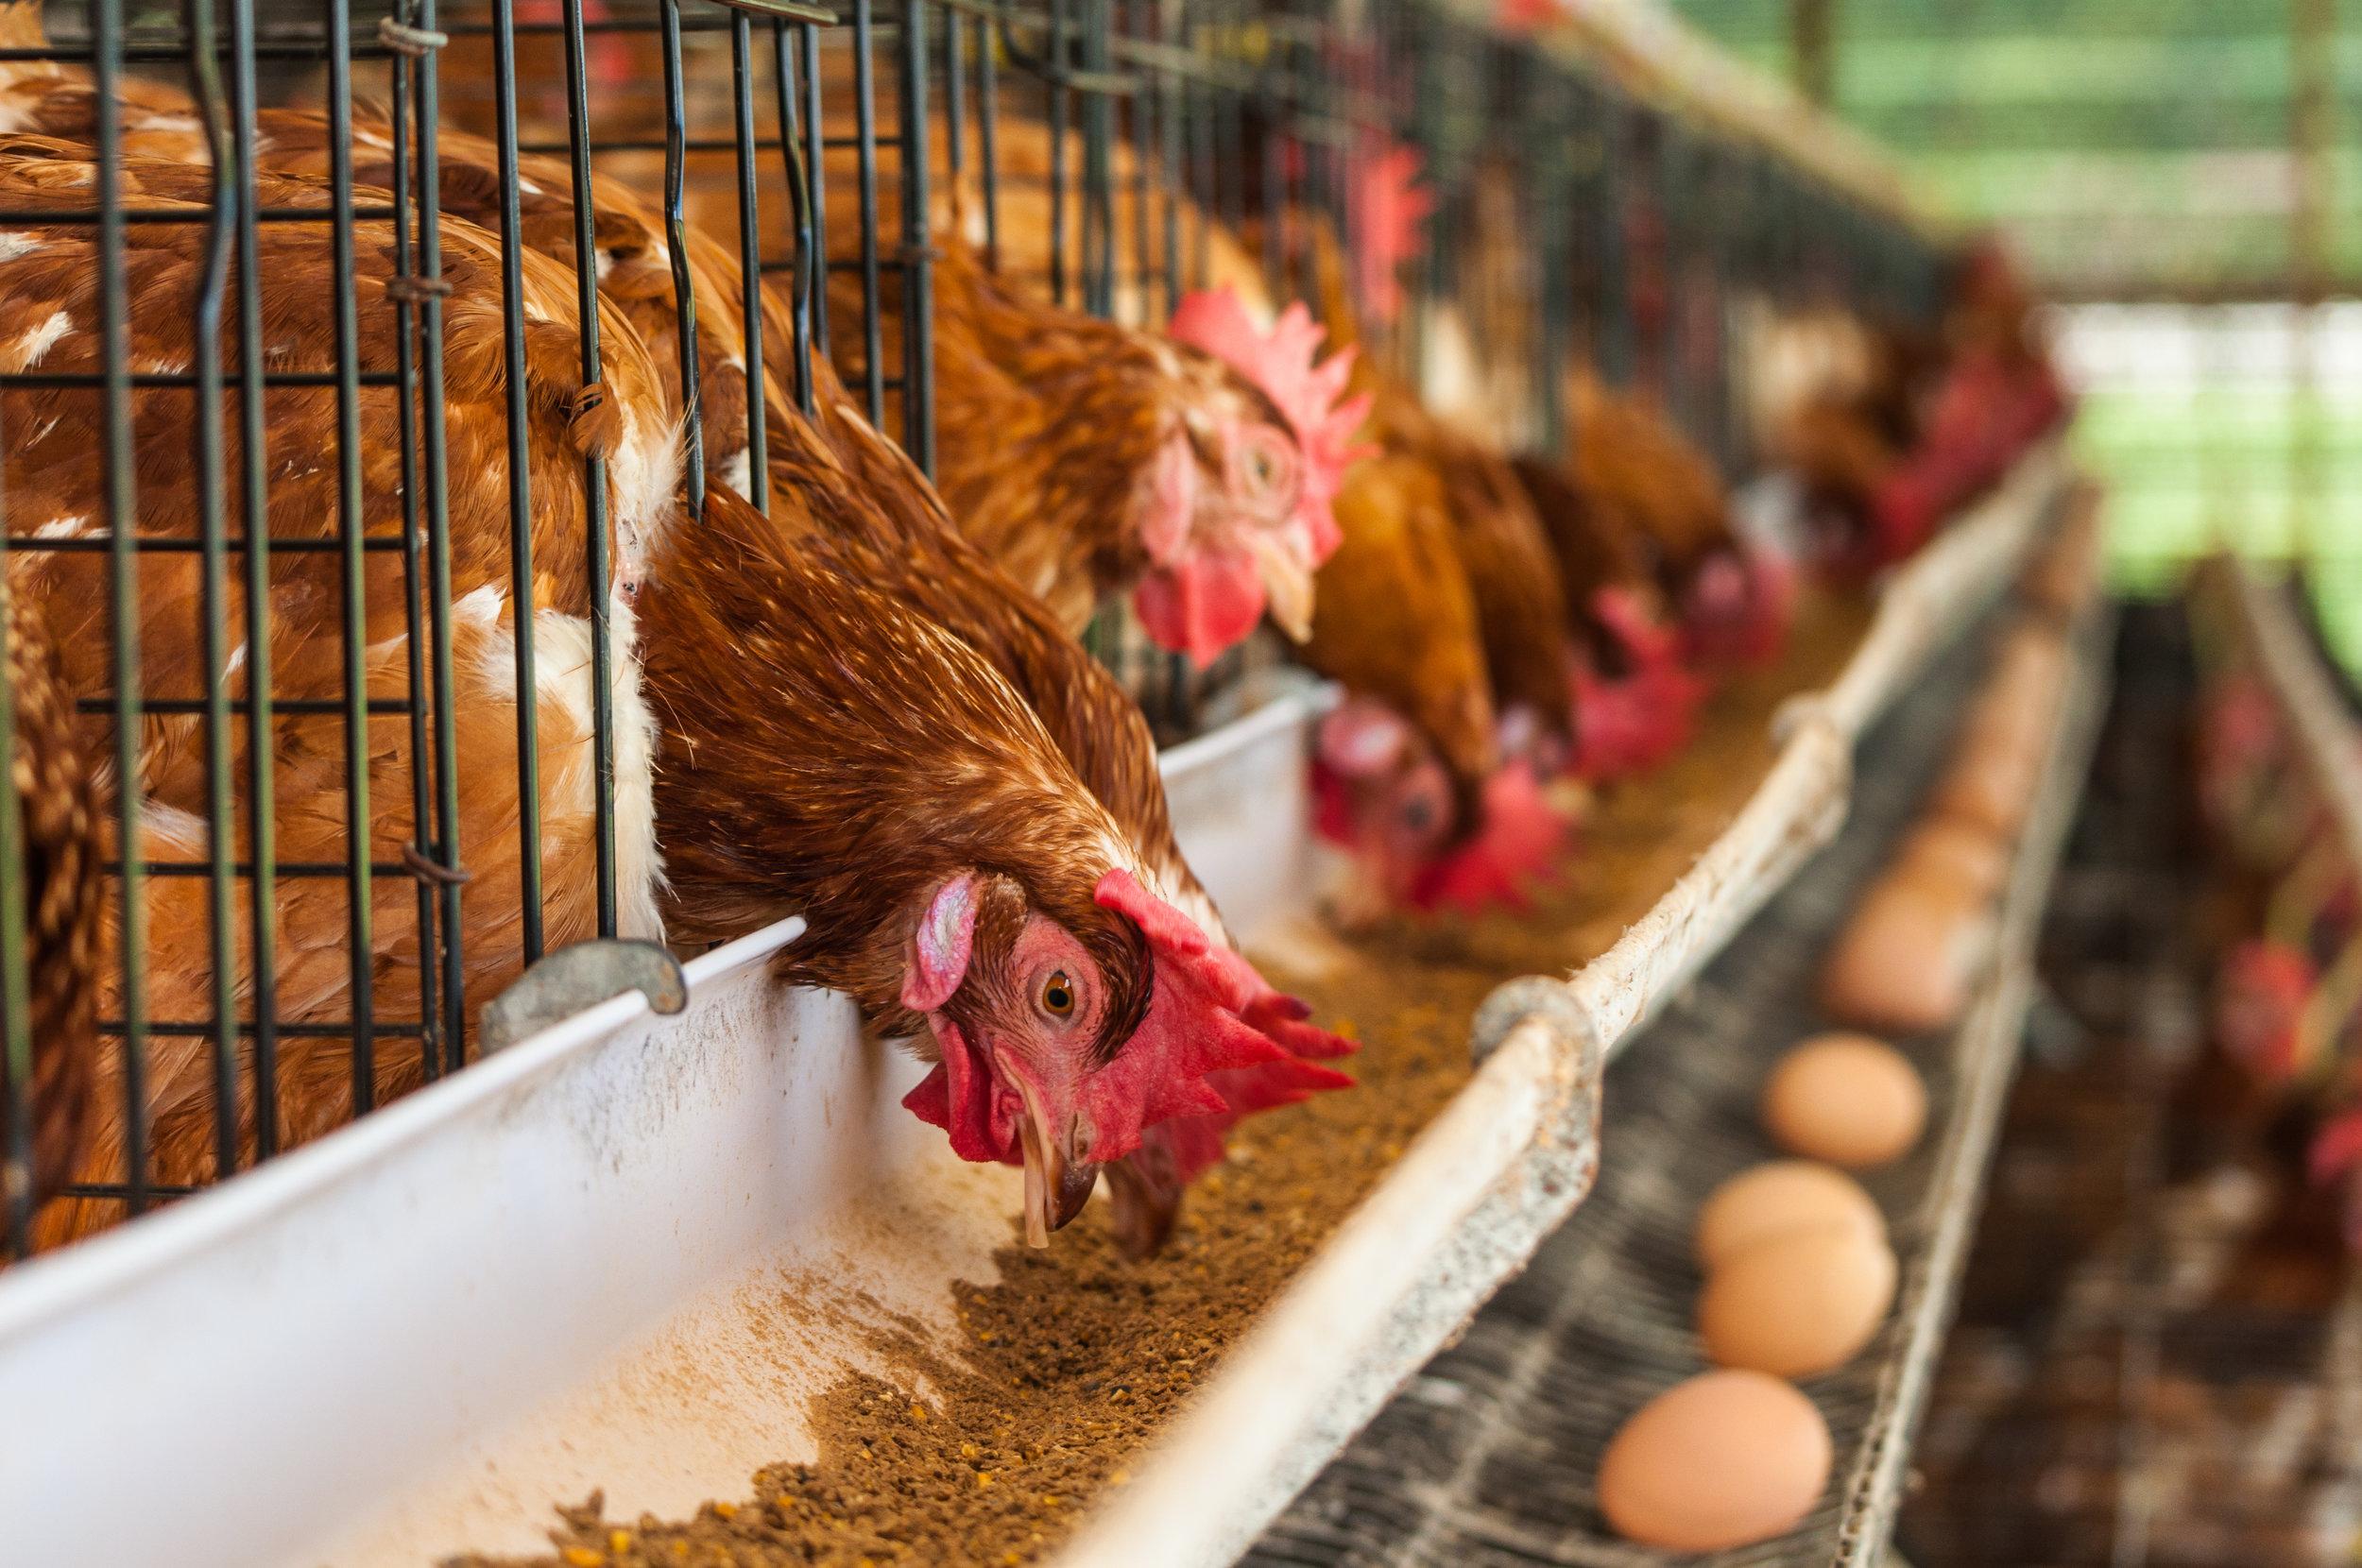 Antibiotiques & Fermes industrielles — Comme vous semez